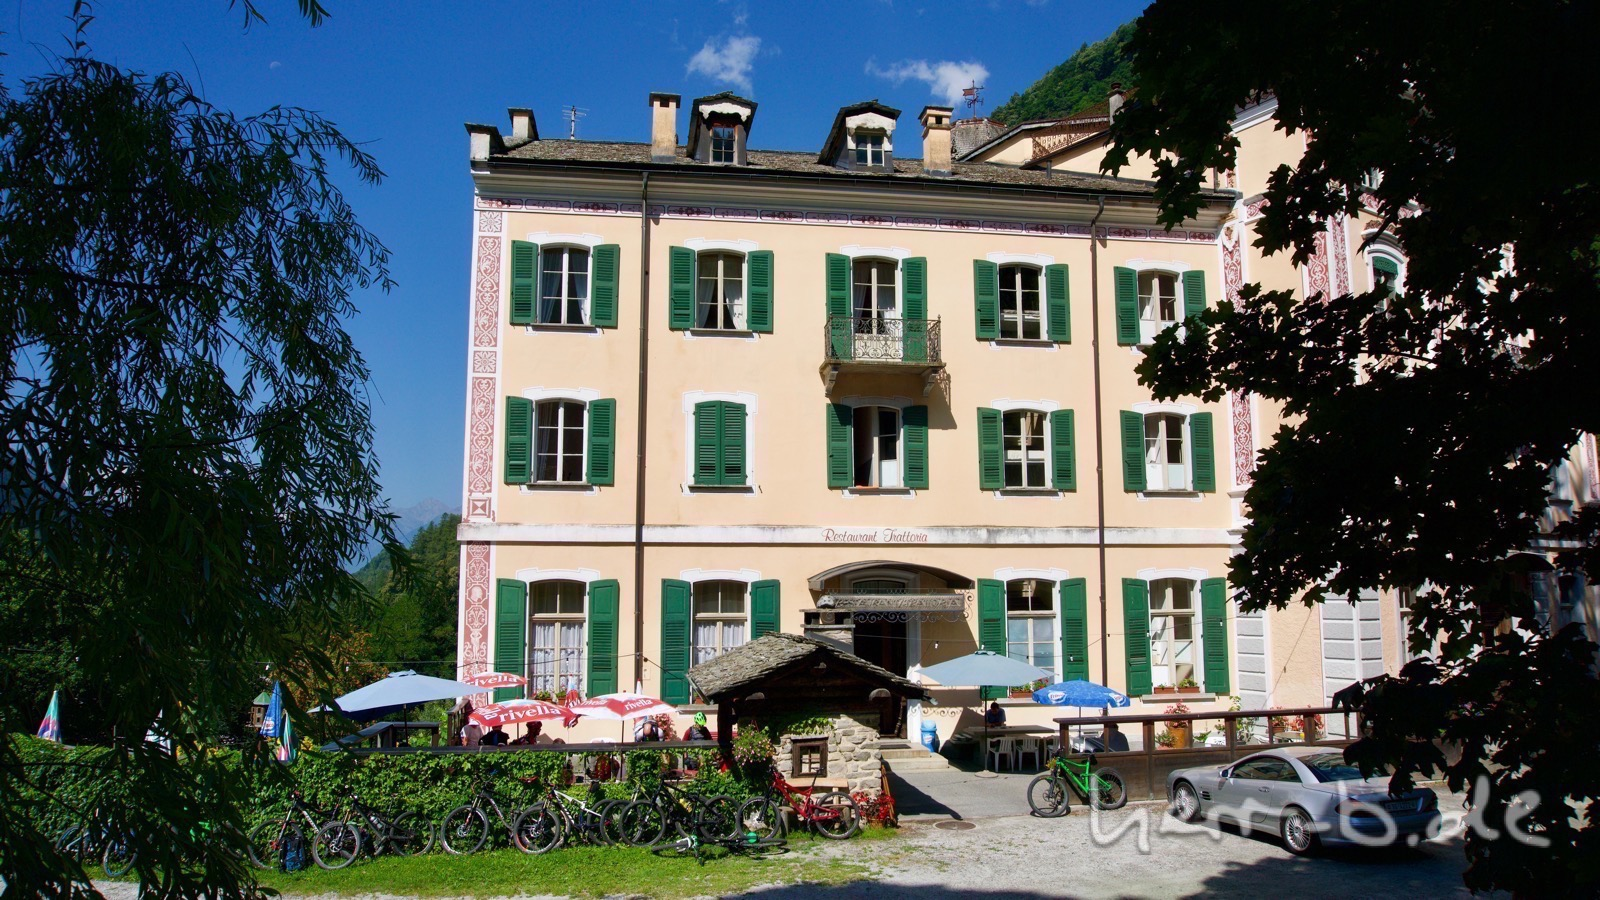 Wunderschönes und uraltes Hotel in Promontogno.